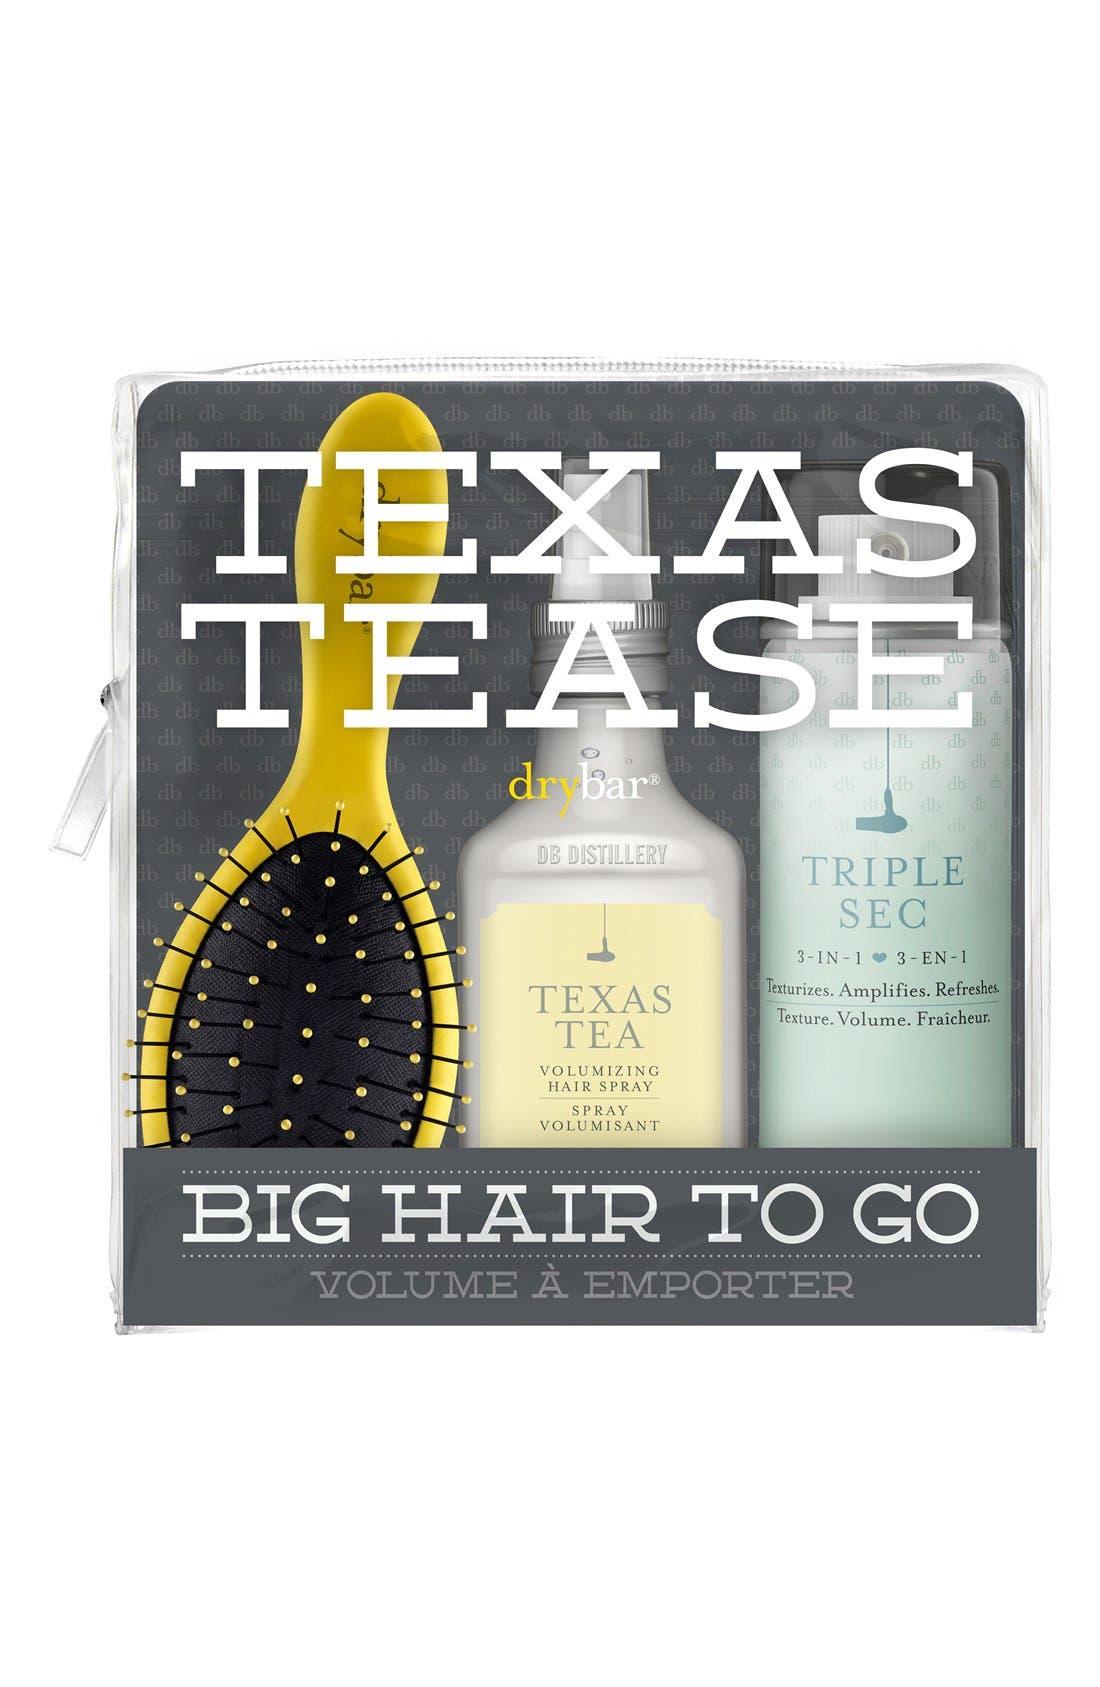 Drybar Texas Tease Big Hair to Go Set (Limited Edition) ($41 Value)